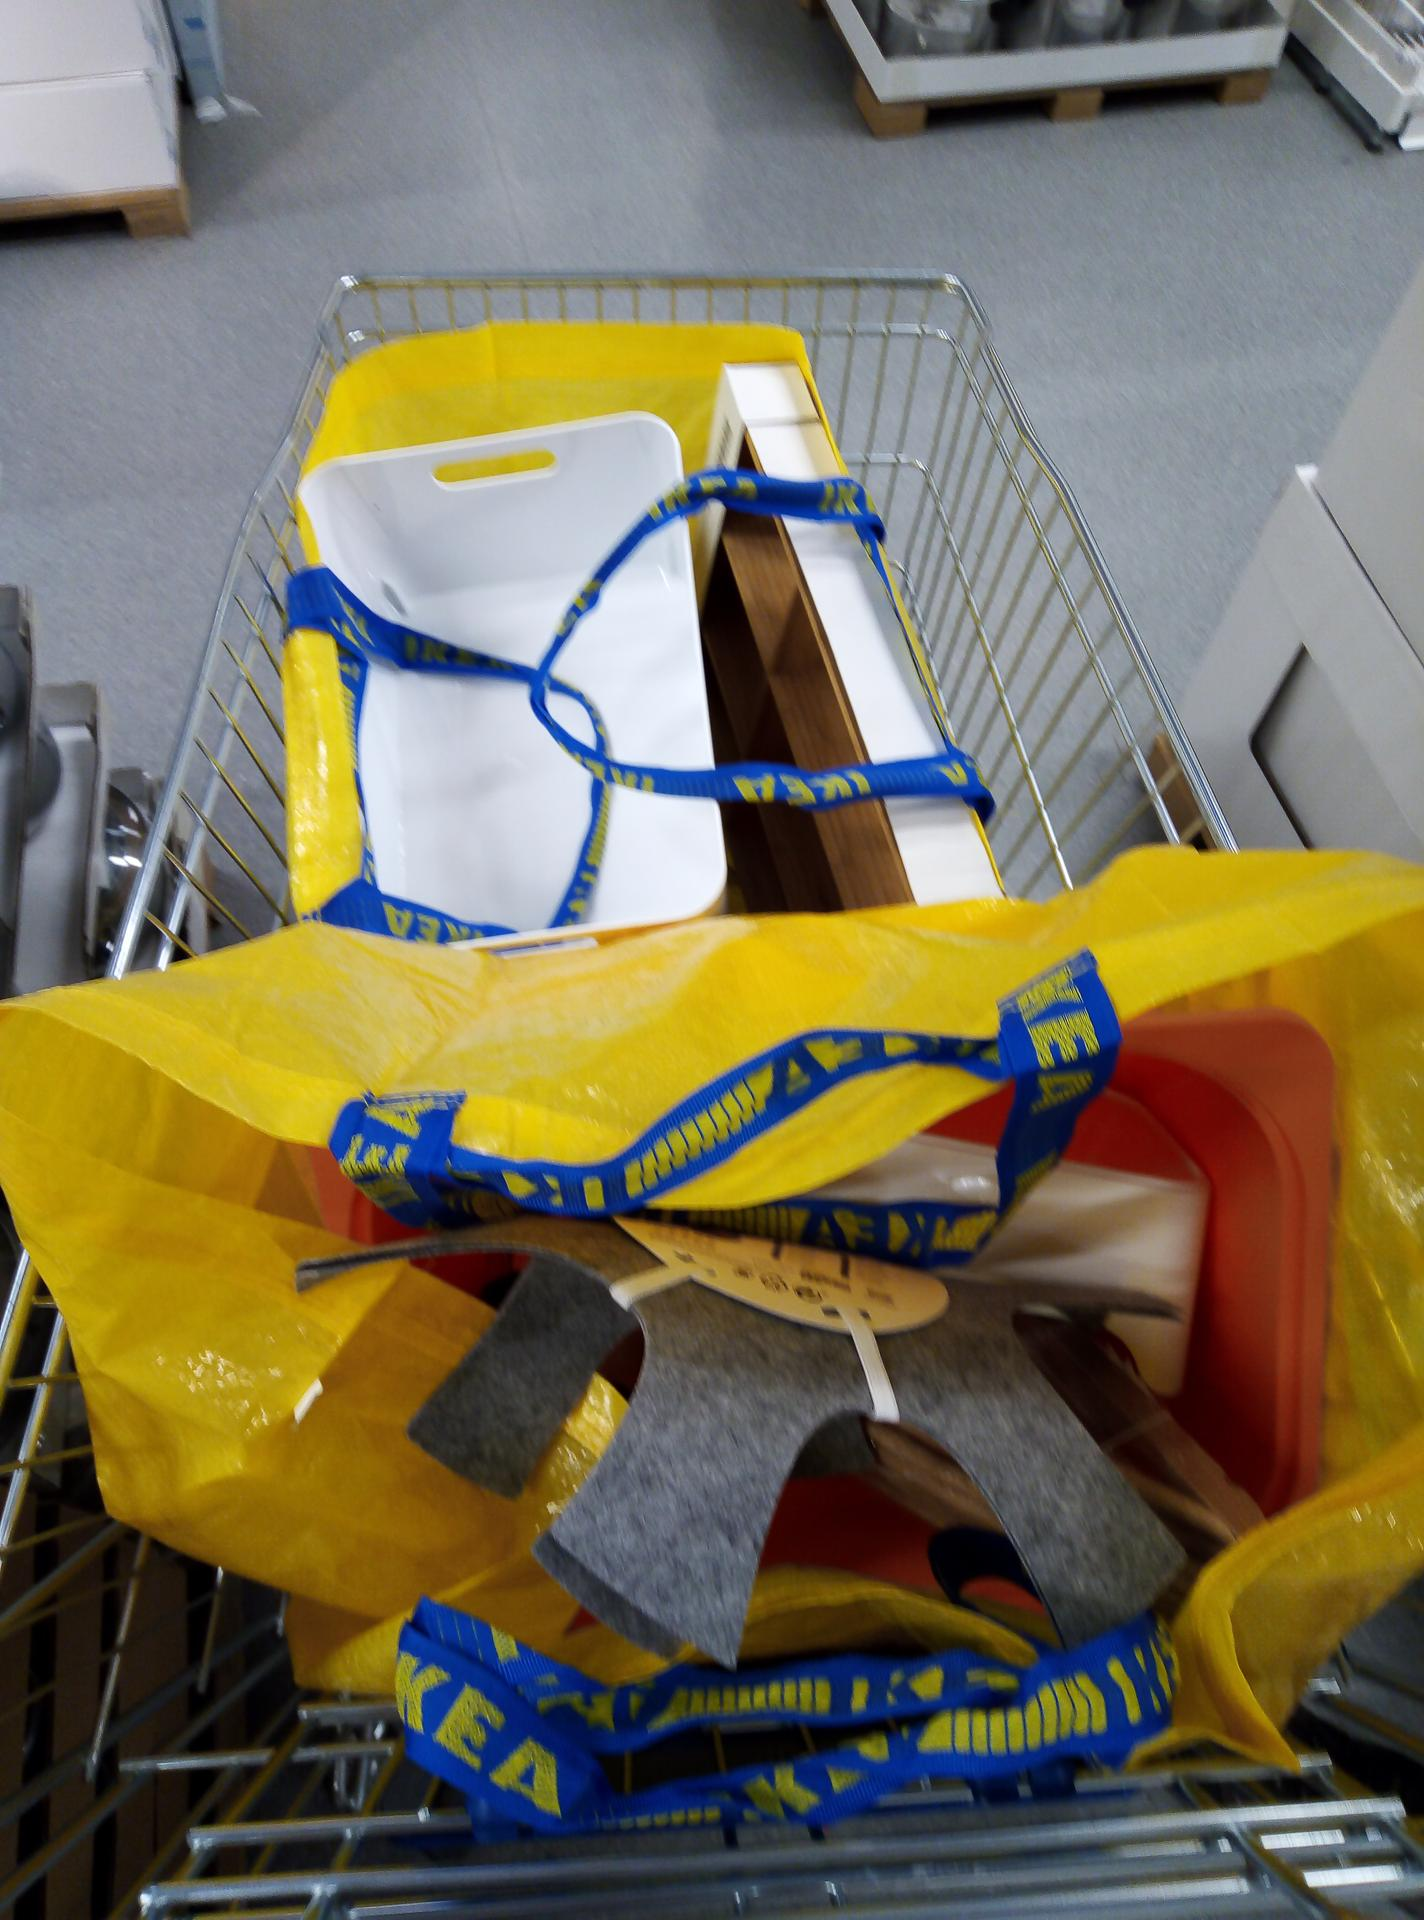 Sen o kuchyni... - Výlet do Ikea...